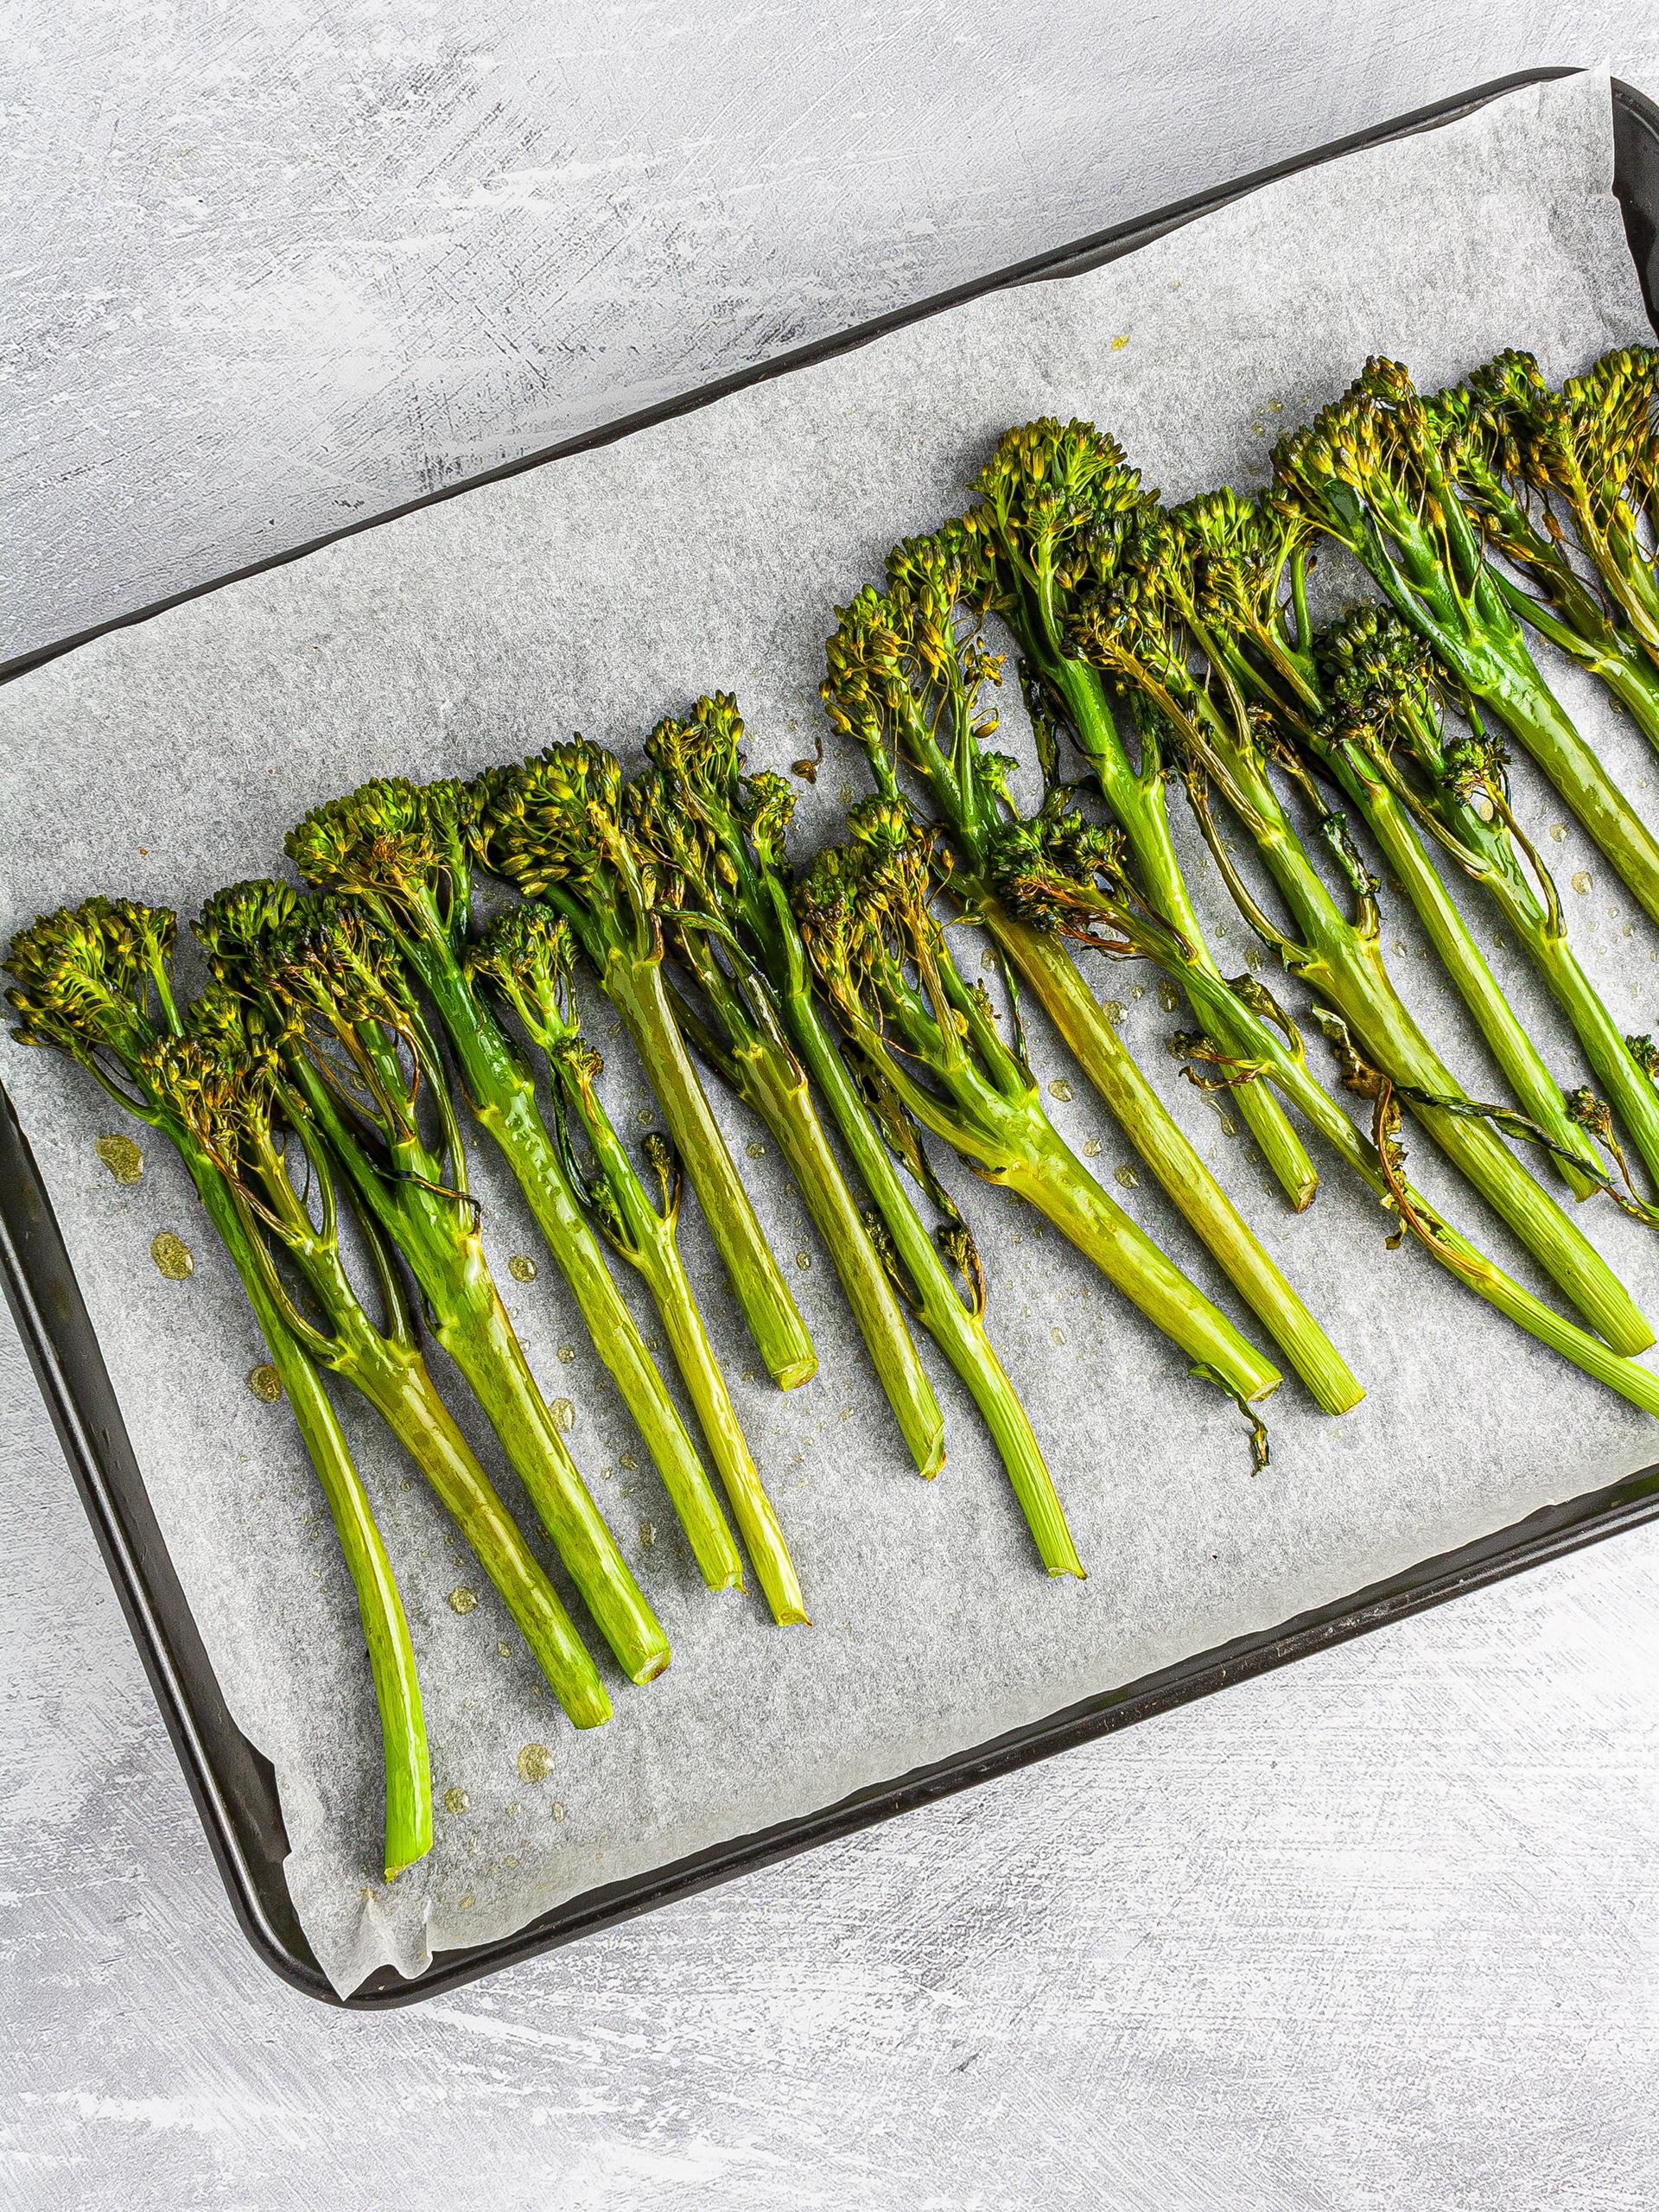 Step 1.2 of Barley Tabbouleh with Tenderstem Broccoli